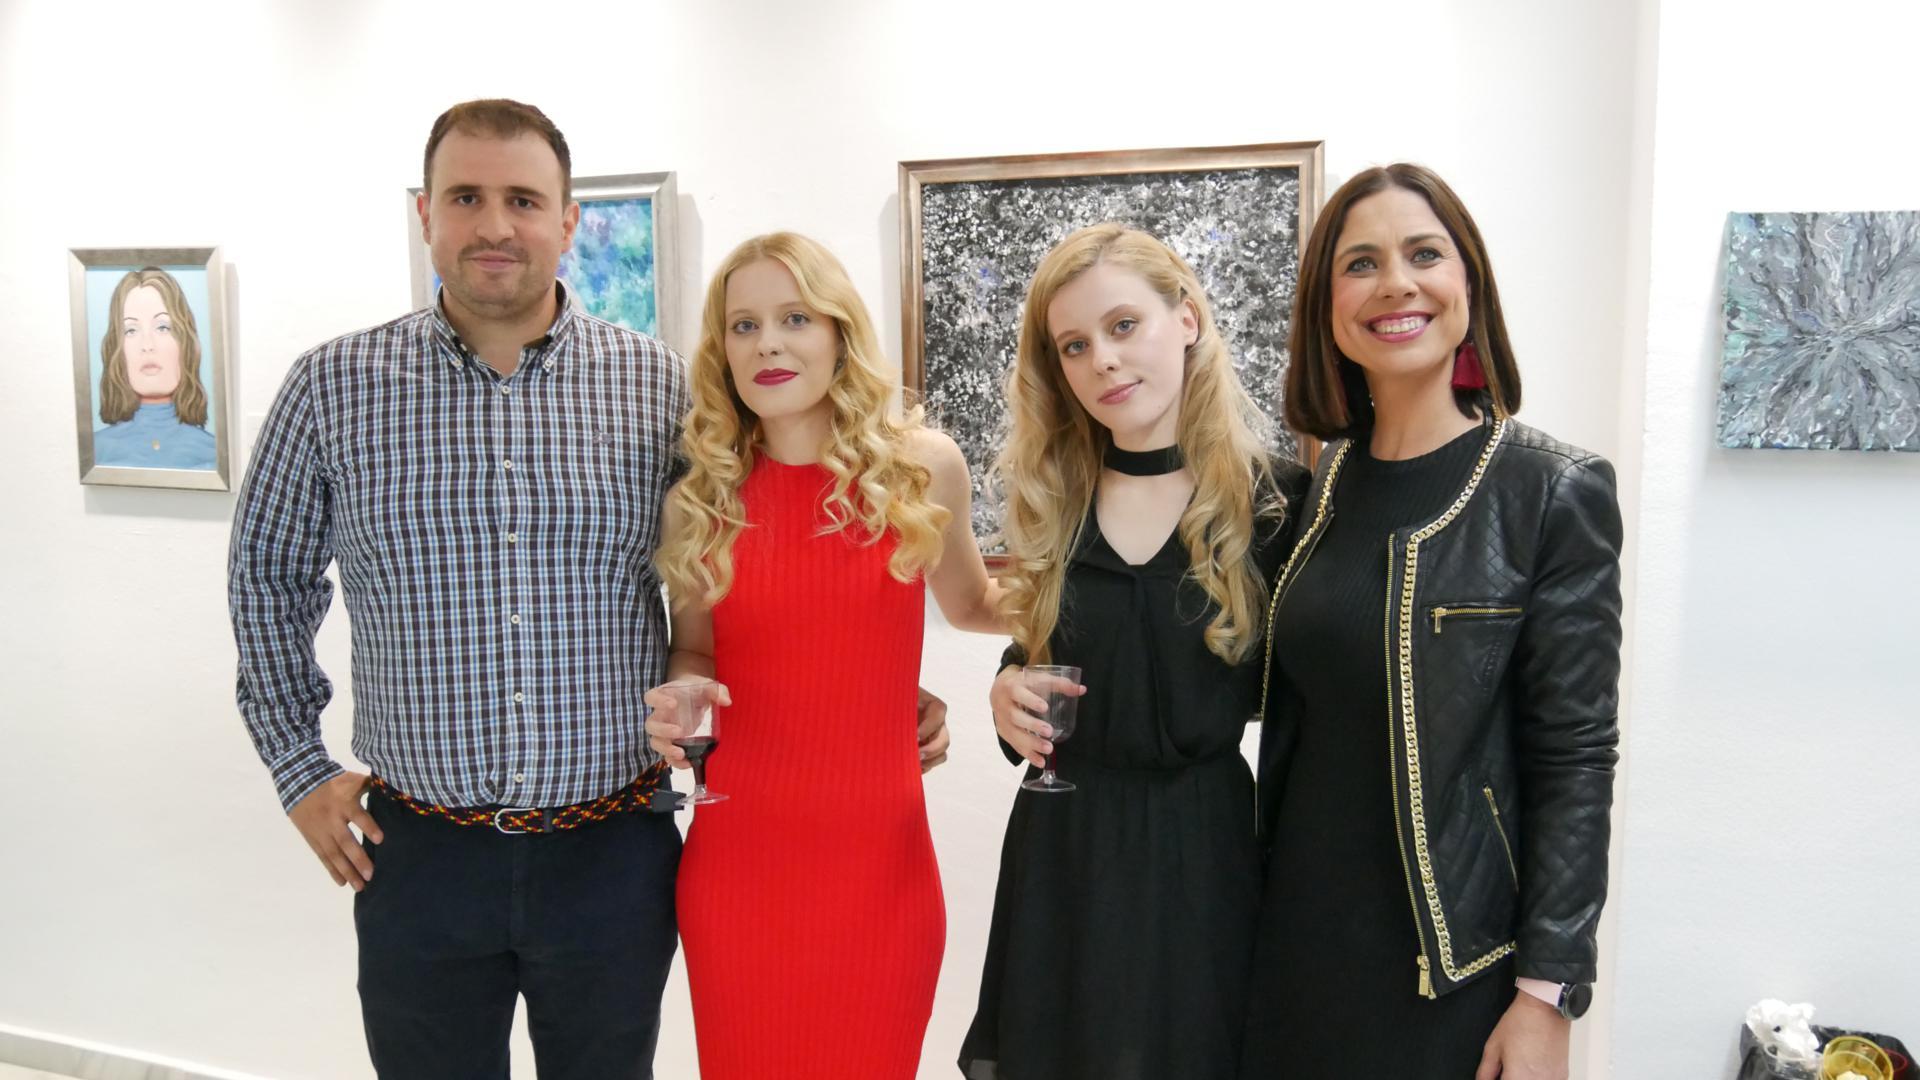 El Centro Cultural de Adra acoge la exposición 'Solo Show' de las hermanas Pamina y Cosima Butterstein